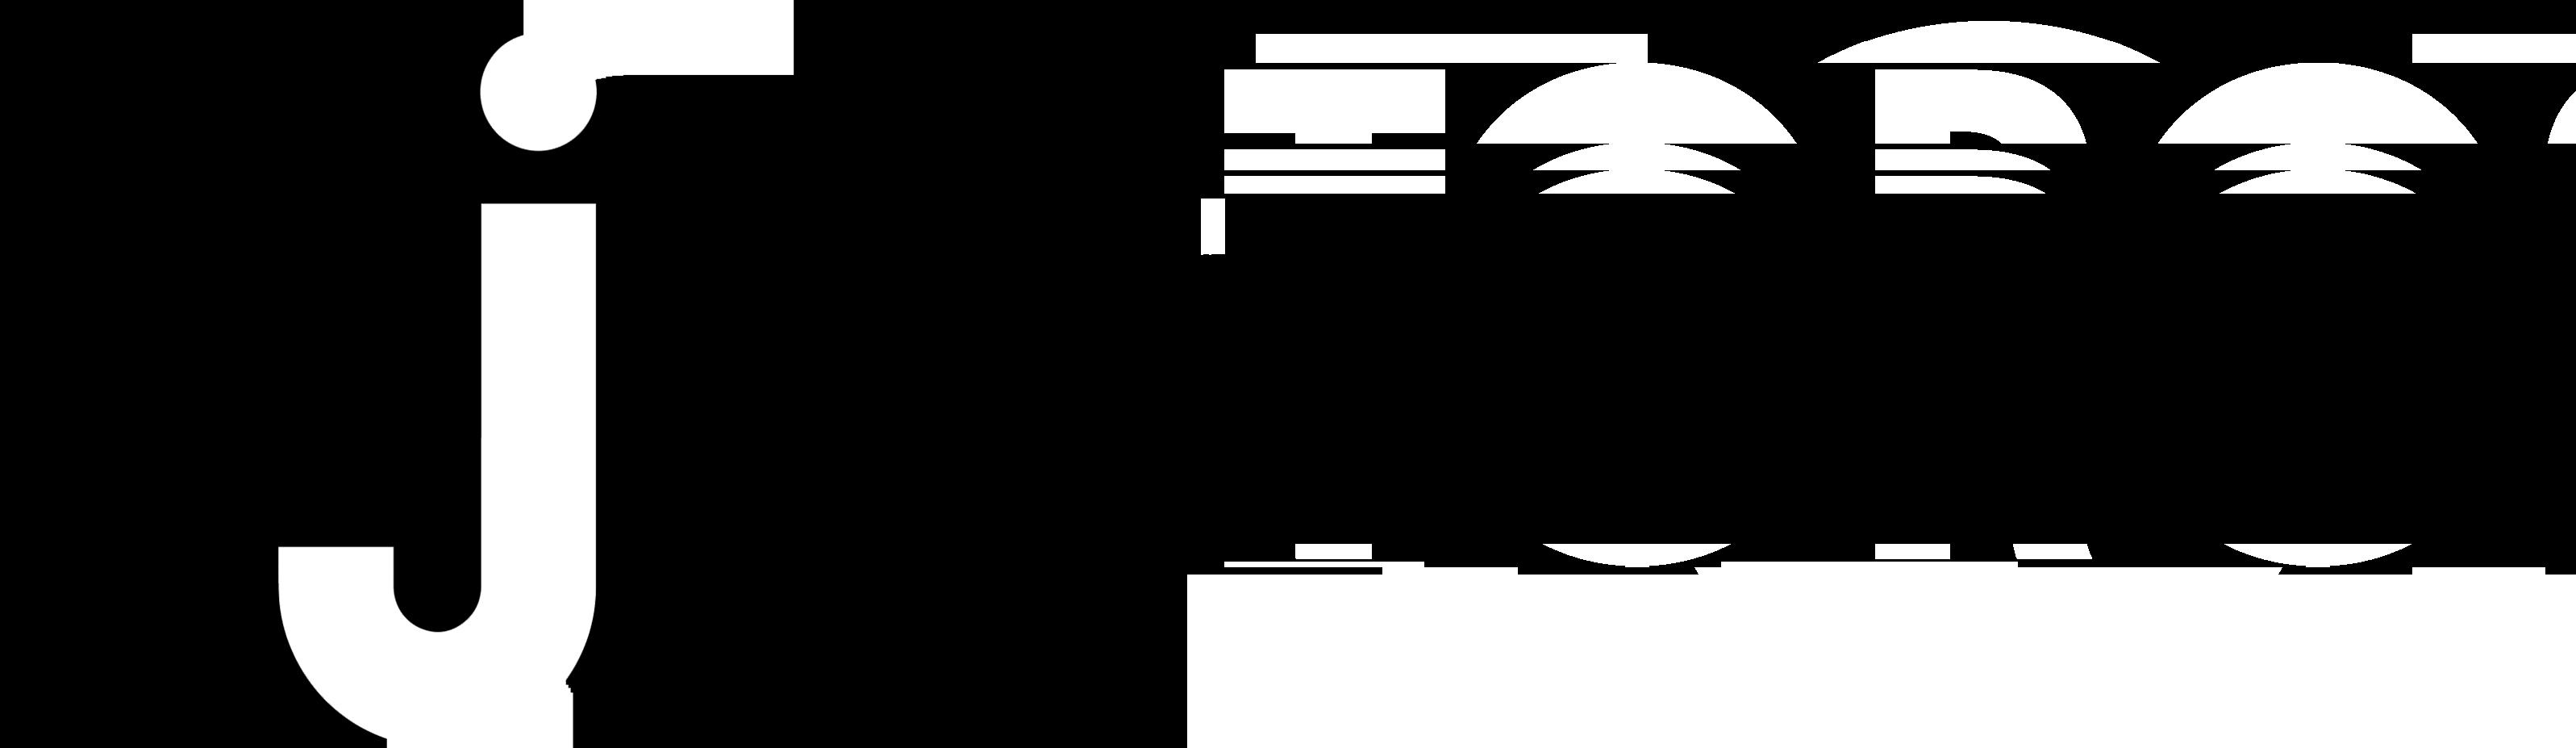 Logo du site productionsj.com